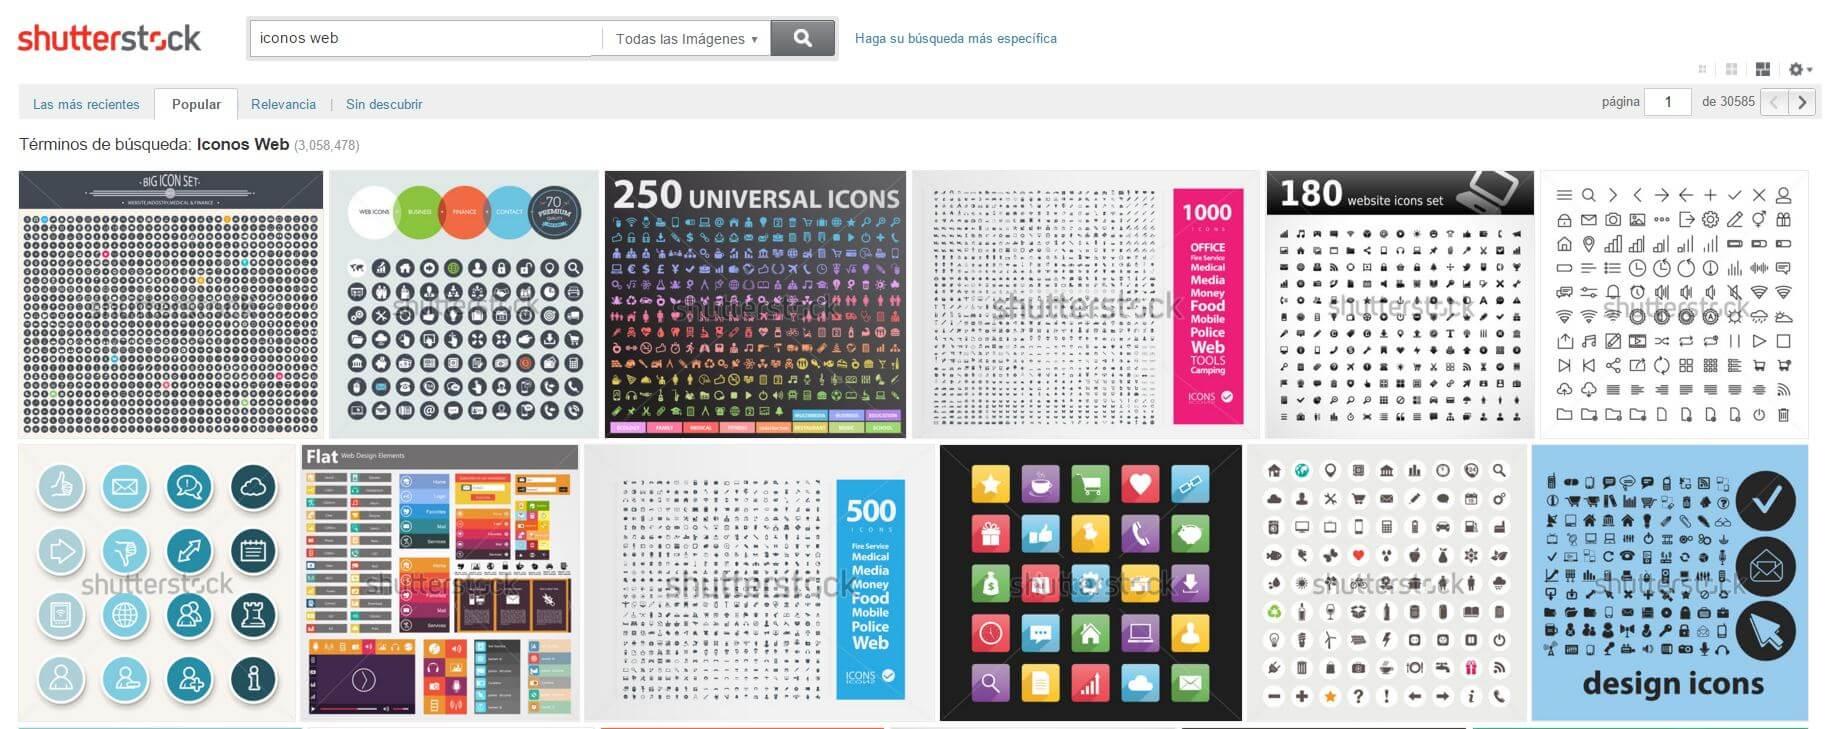 Shutterstock-descargar-iconos-redes-sociales